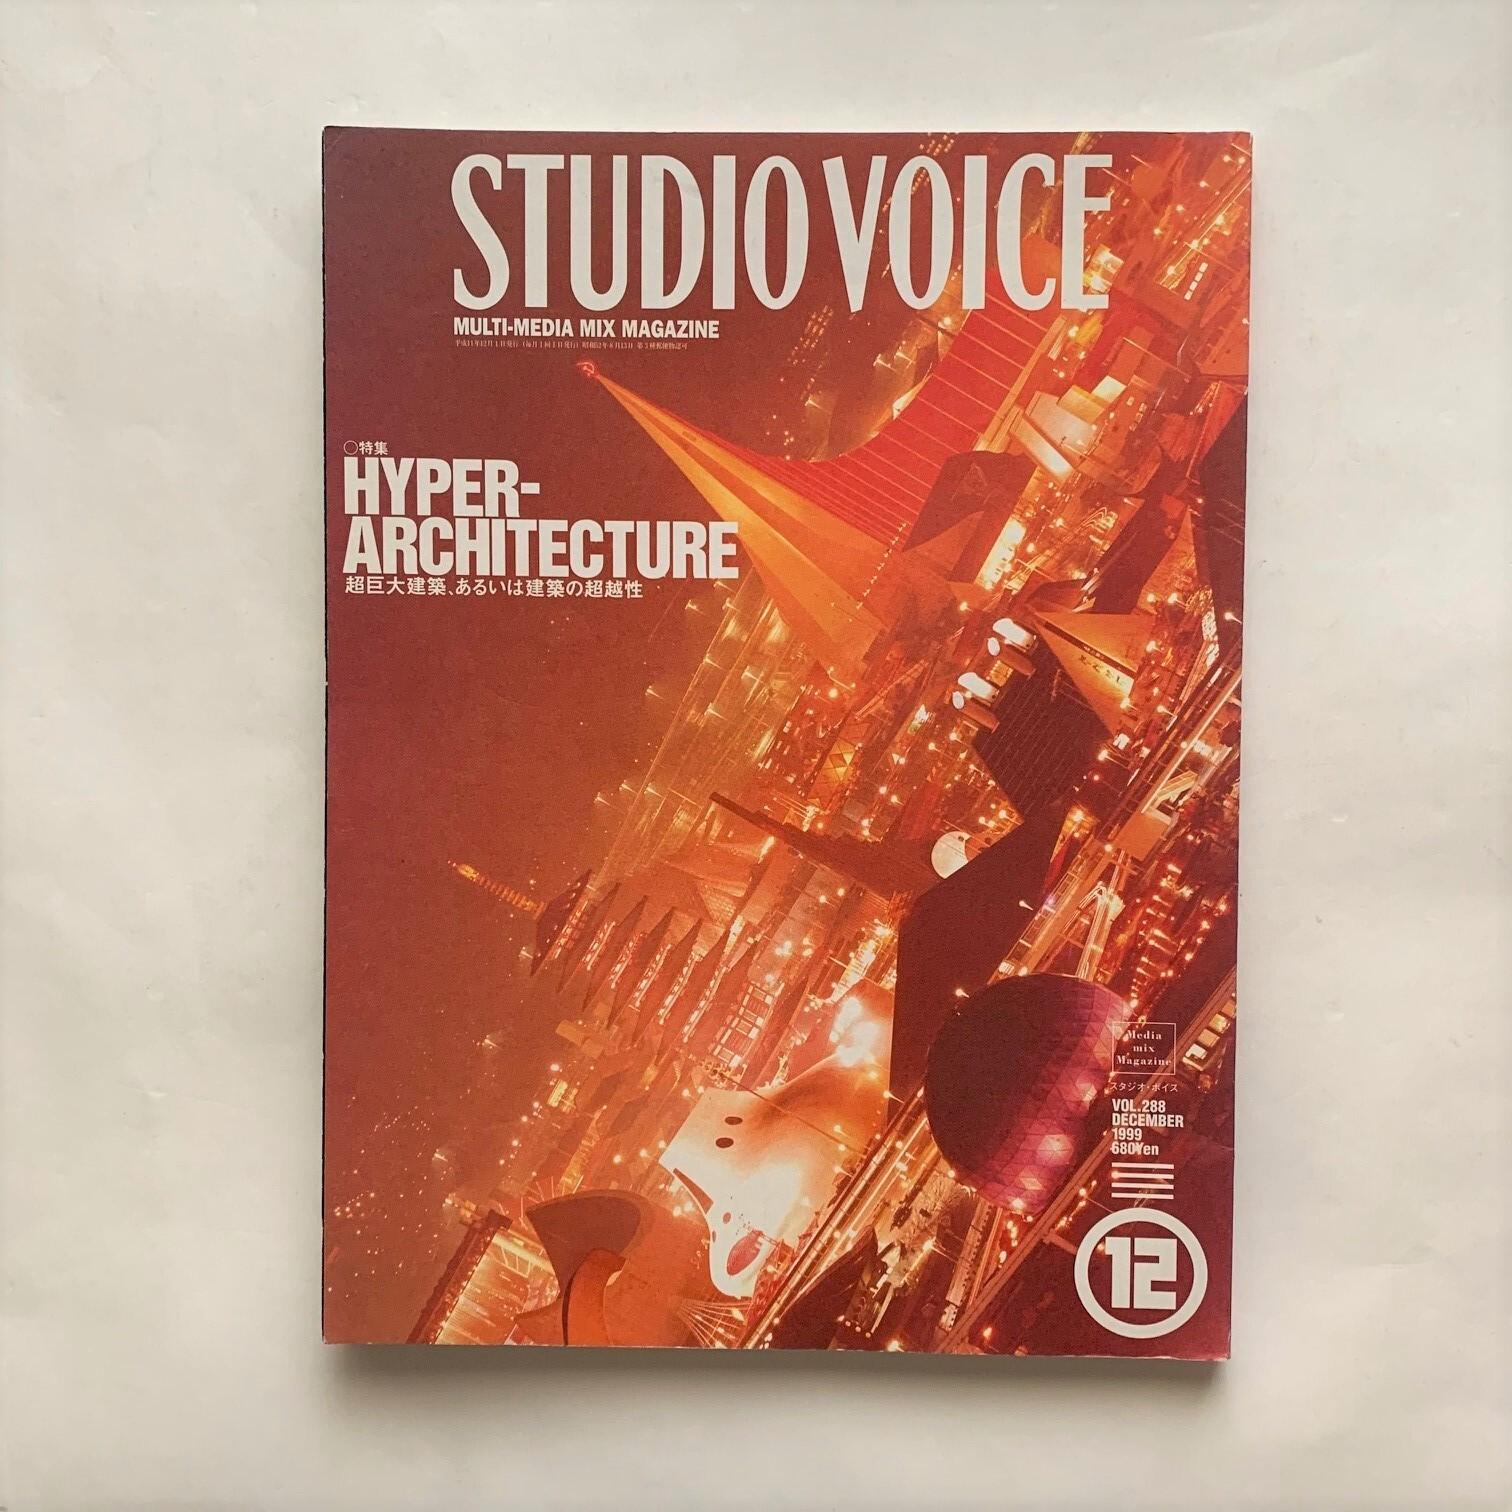 超巨大建築、あるいは建築の超越性 / STUDIO VOICE / VOL.288